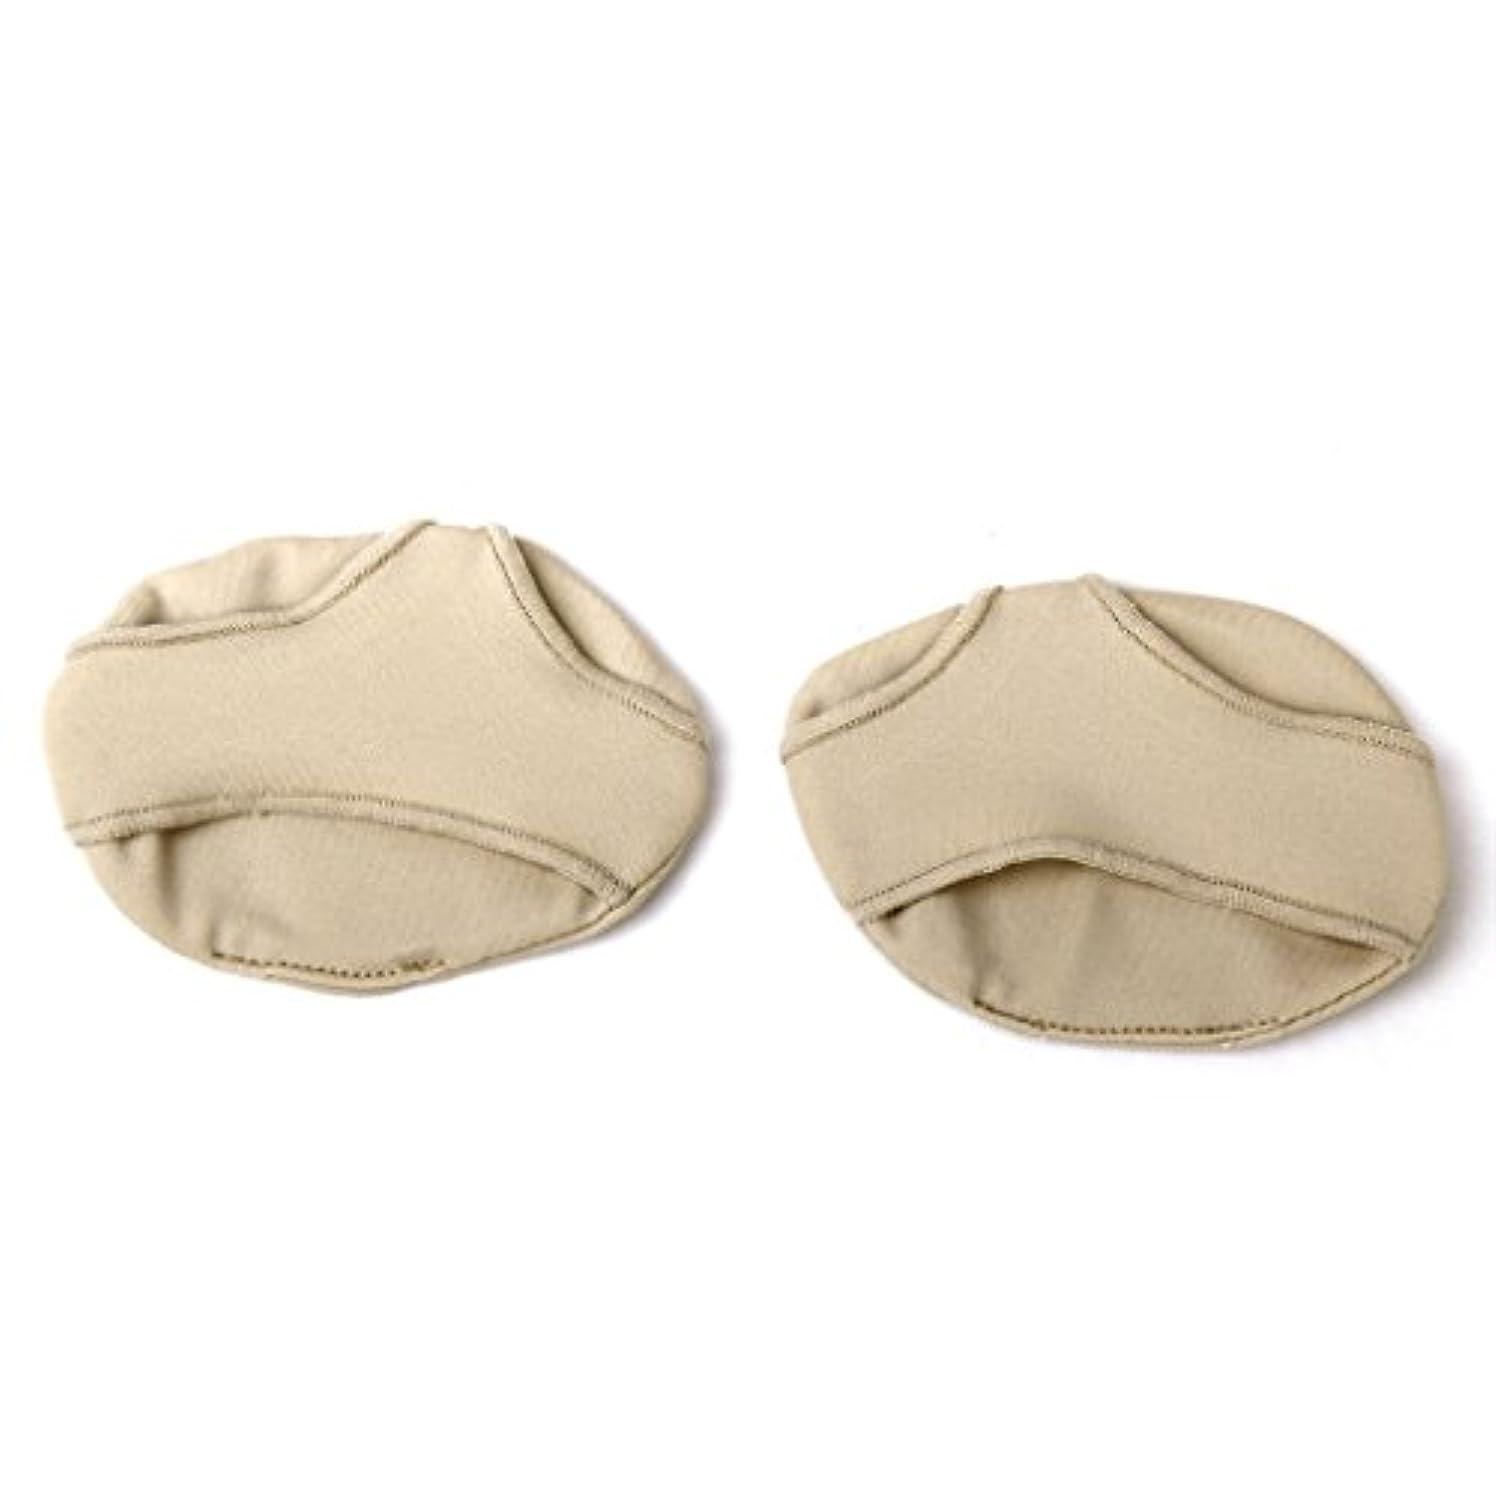 ソーシャル牛安全でないSODIAL(R) ペアの低中足パッド クッションブランケット 前足の痛みを和らげるためのストラップ付きインソール Y形